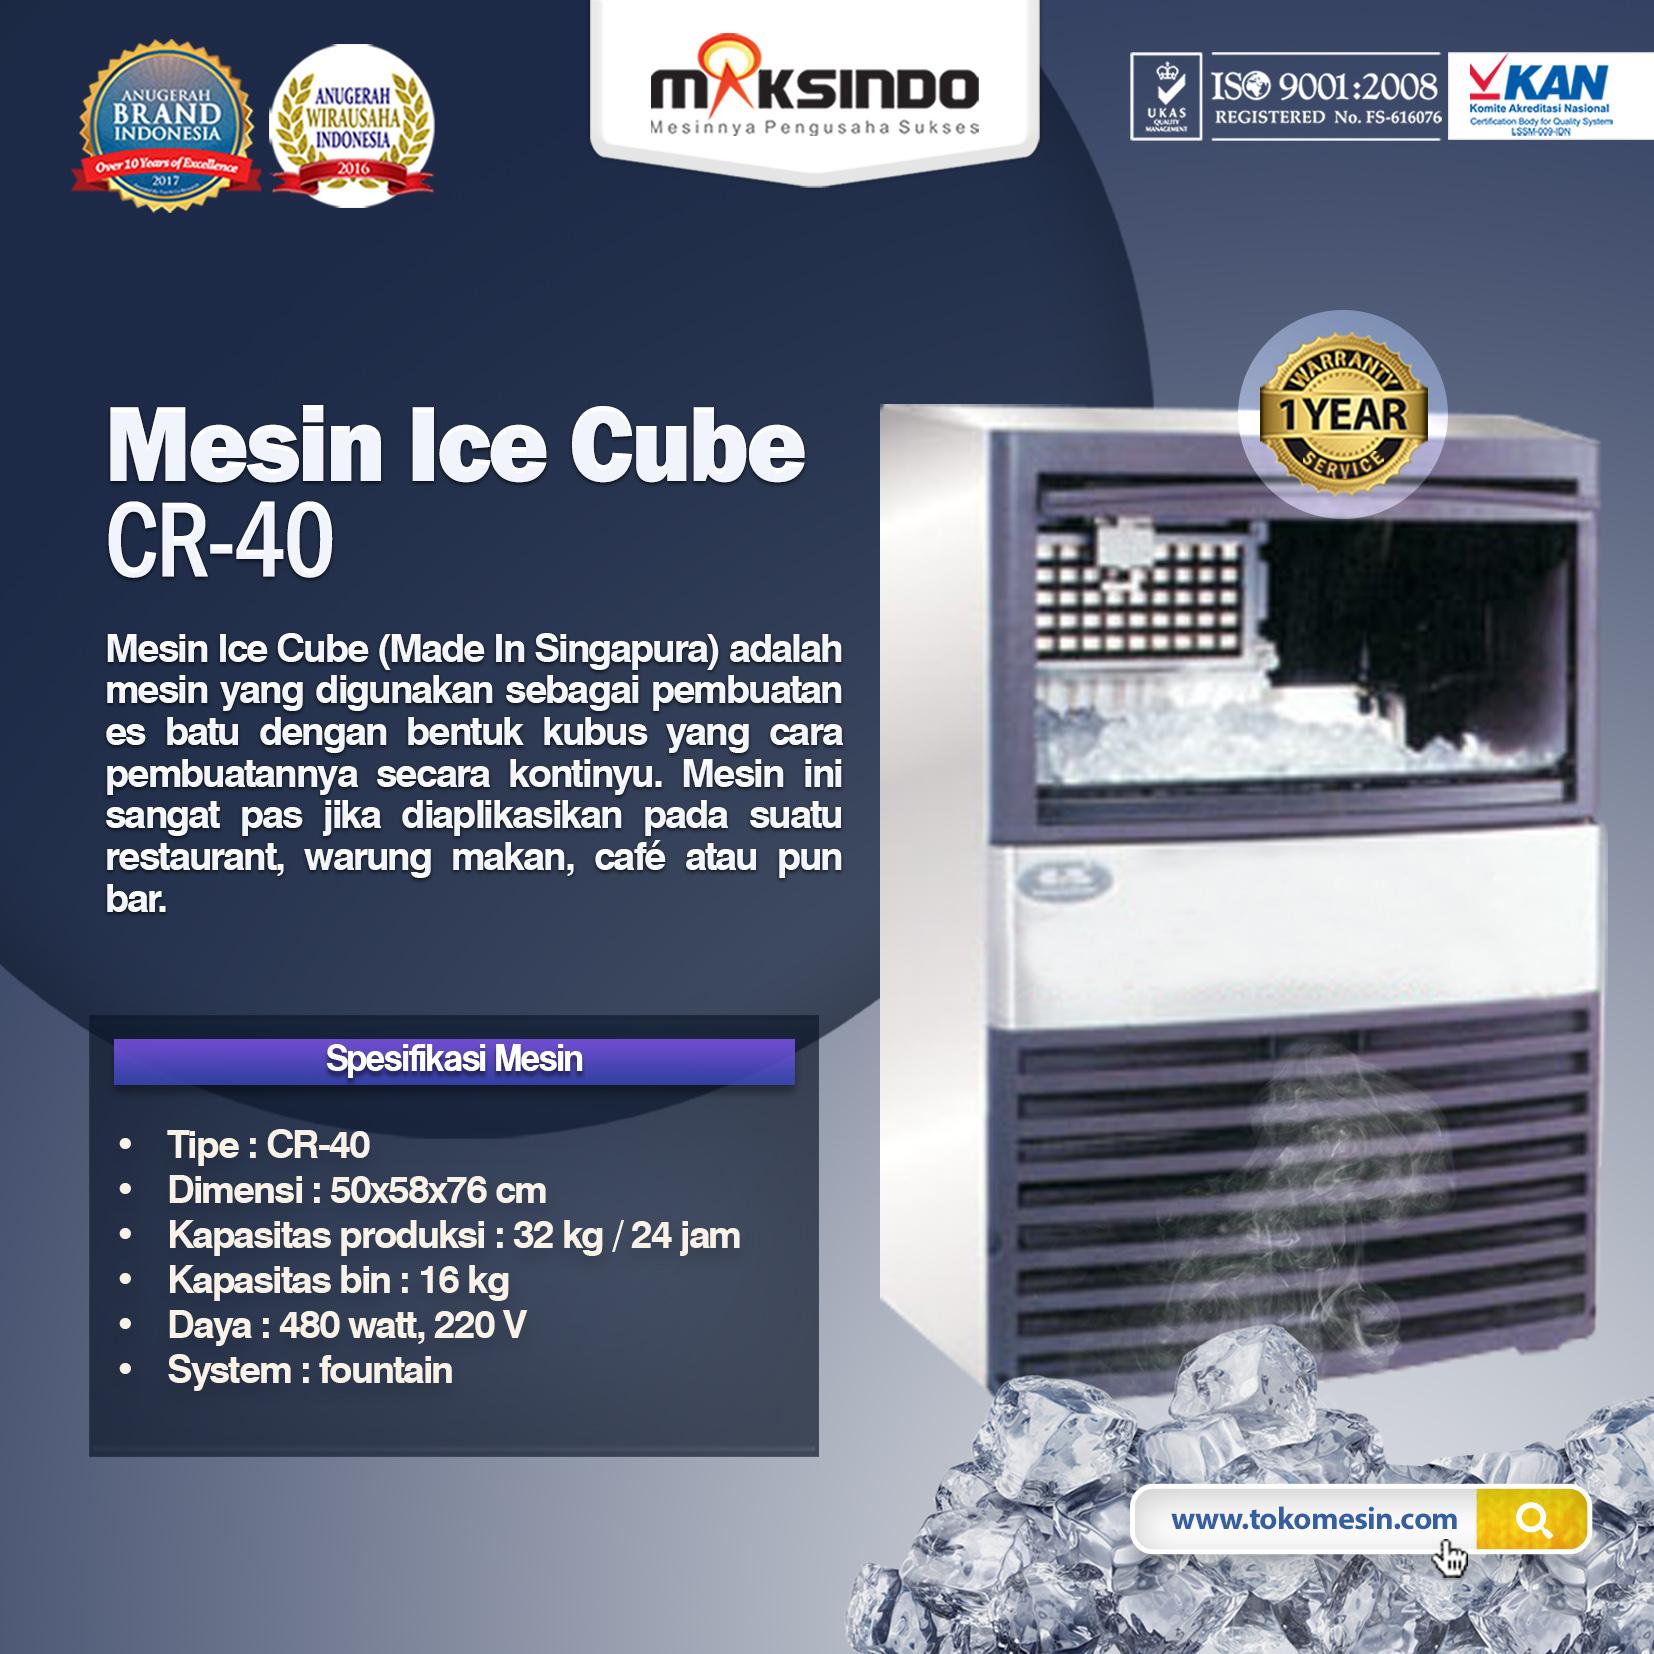 Mesin Ice Cube CR-40